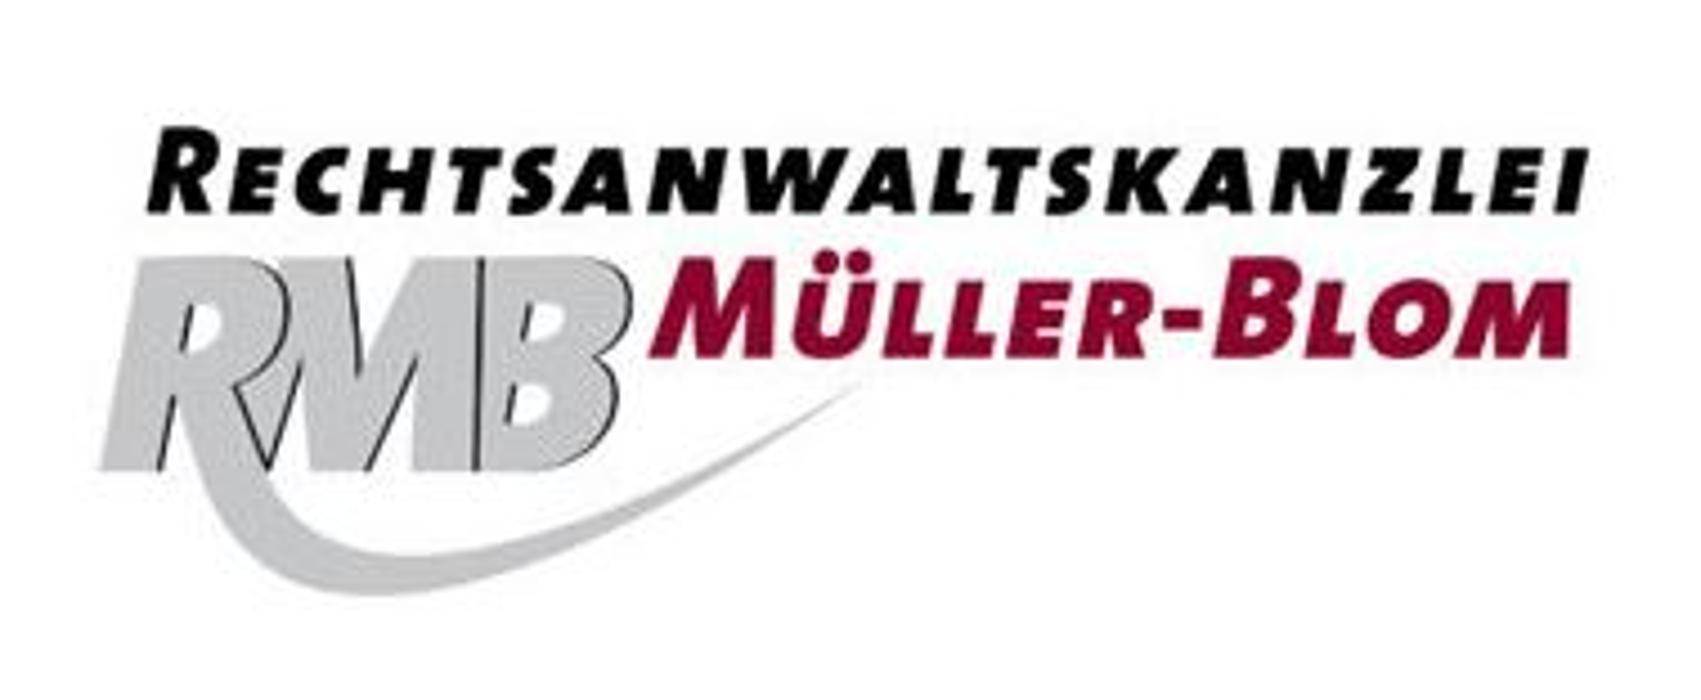 Bild zu Rechtsanwaltskanzlei Müller-Blom in Hannover